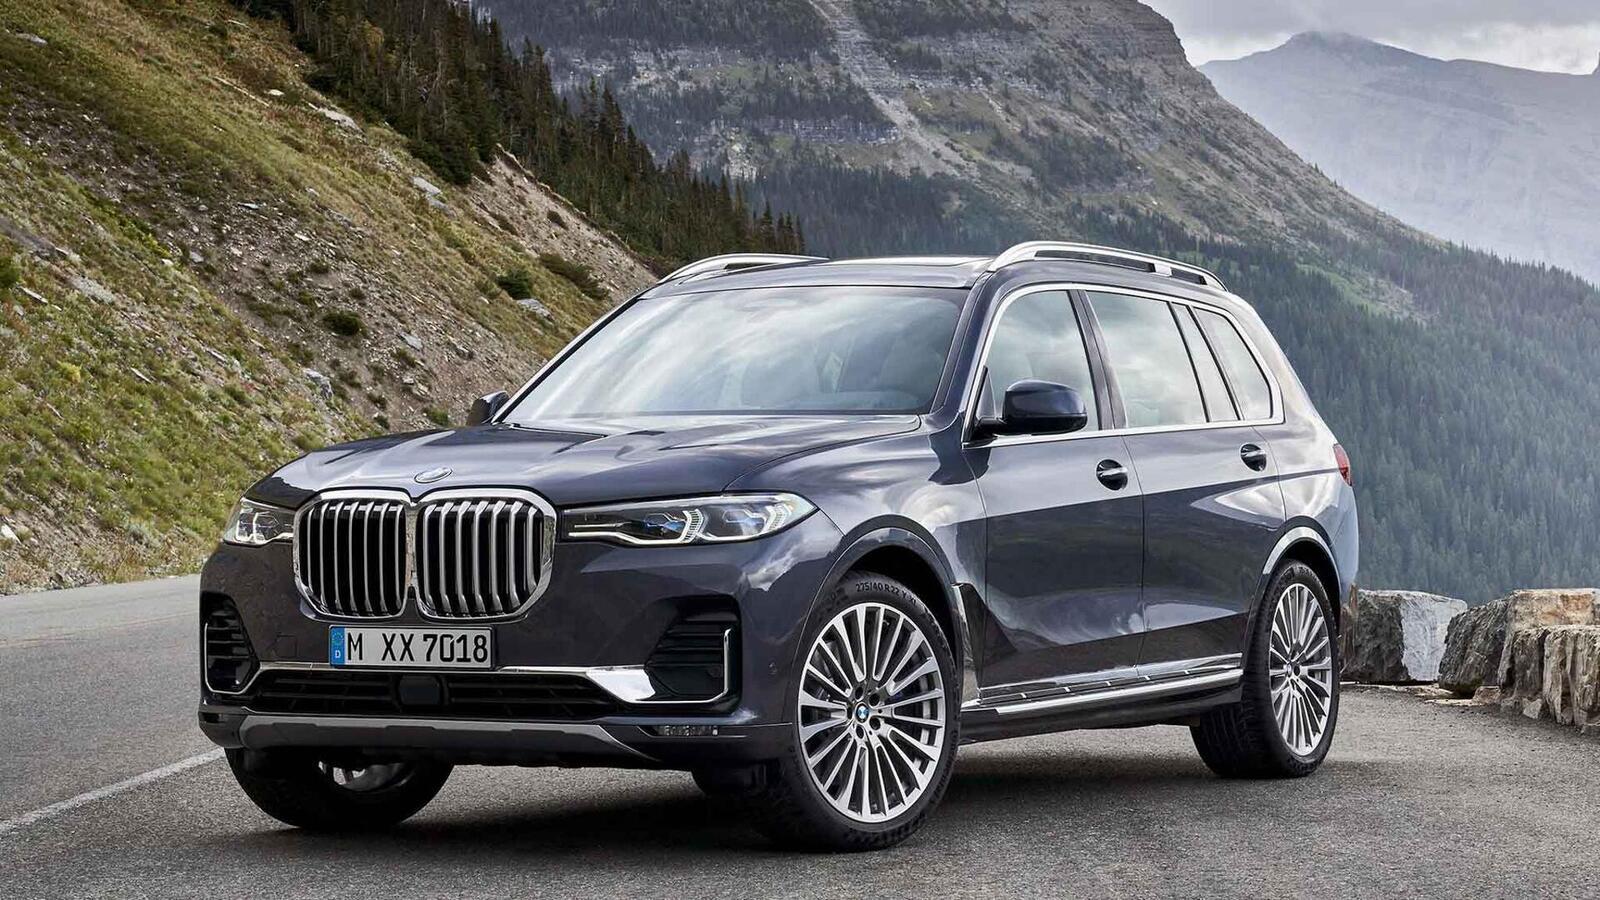 Hôm nay BMW X7 và X5 thế hệ mới sẽ ra mắt tại Việt Nam; mời các bác dự đoán giá bán - Hình 1